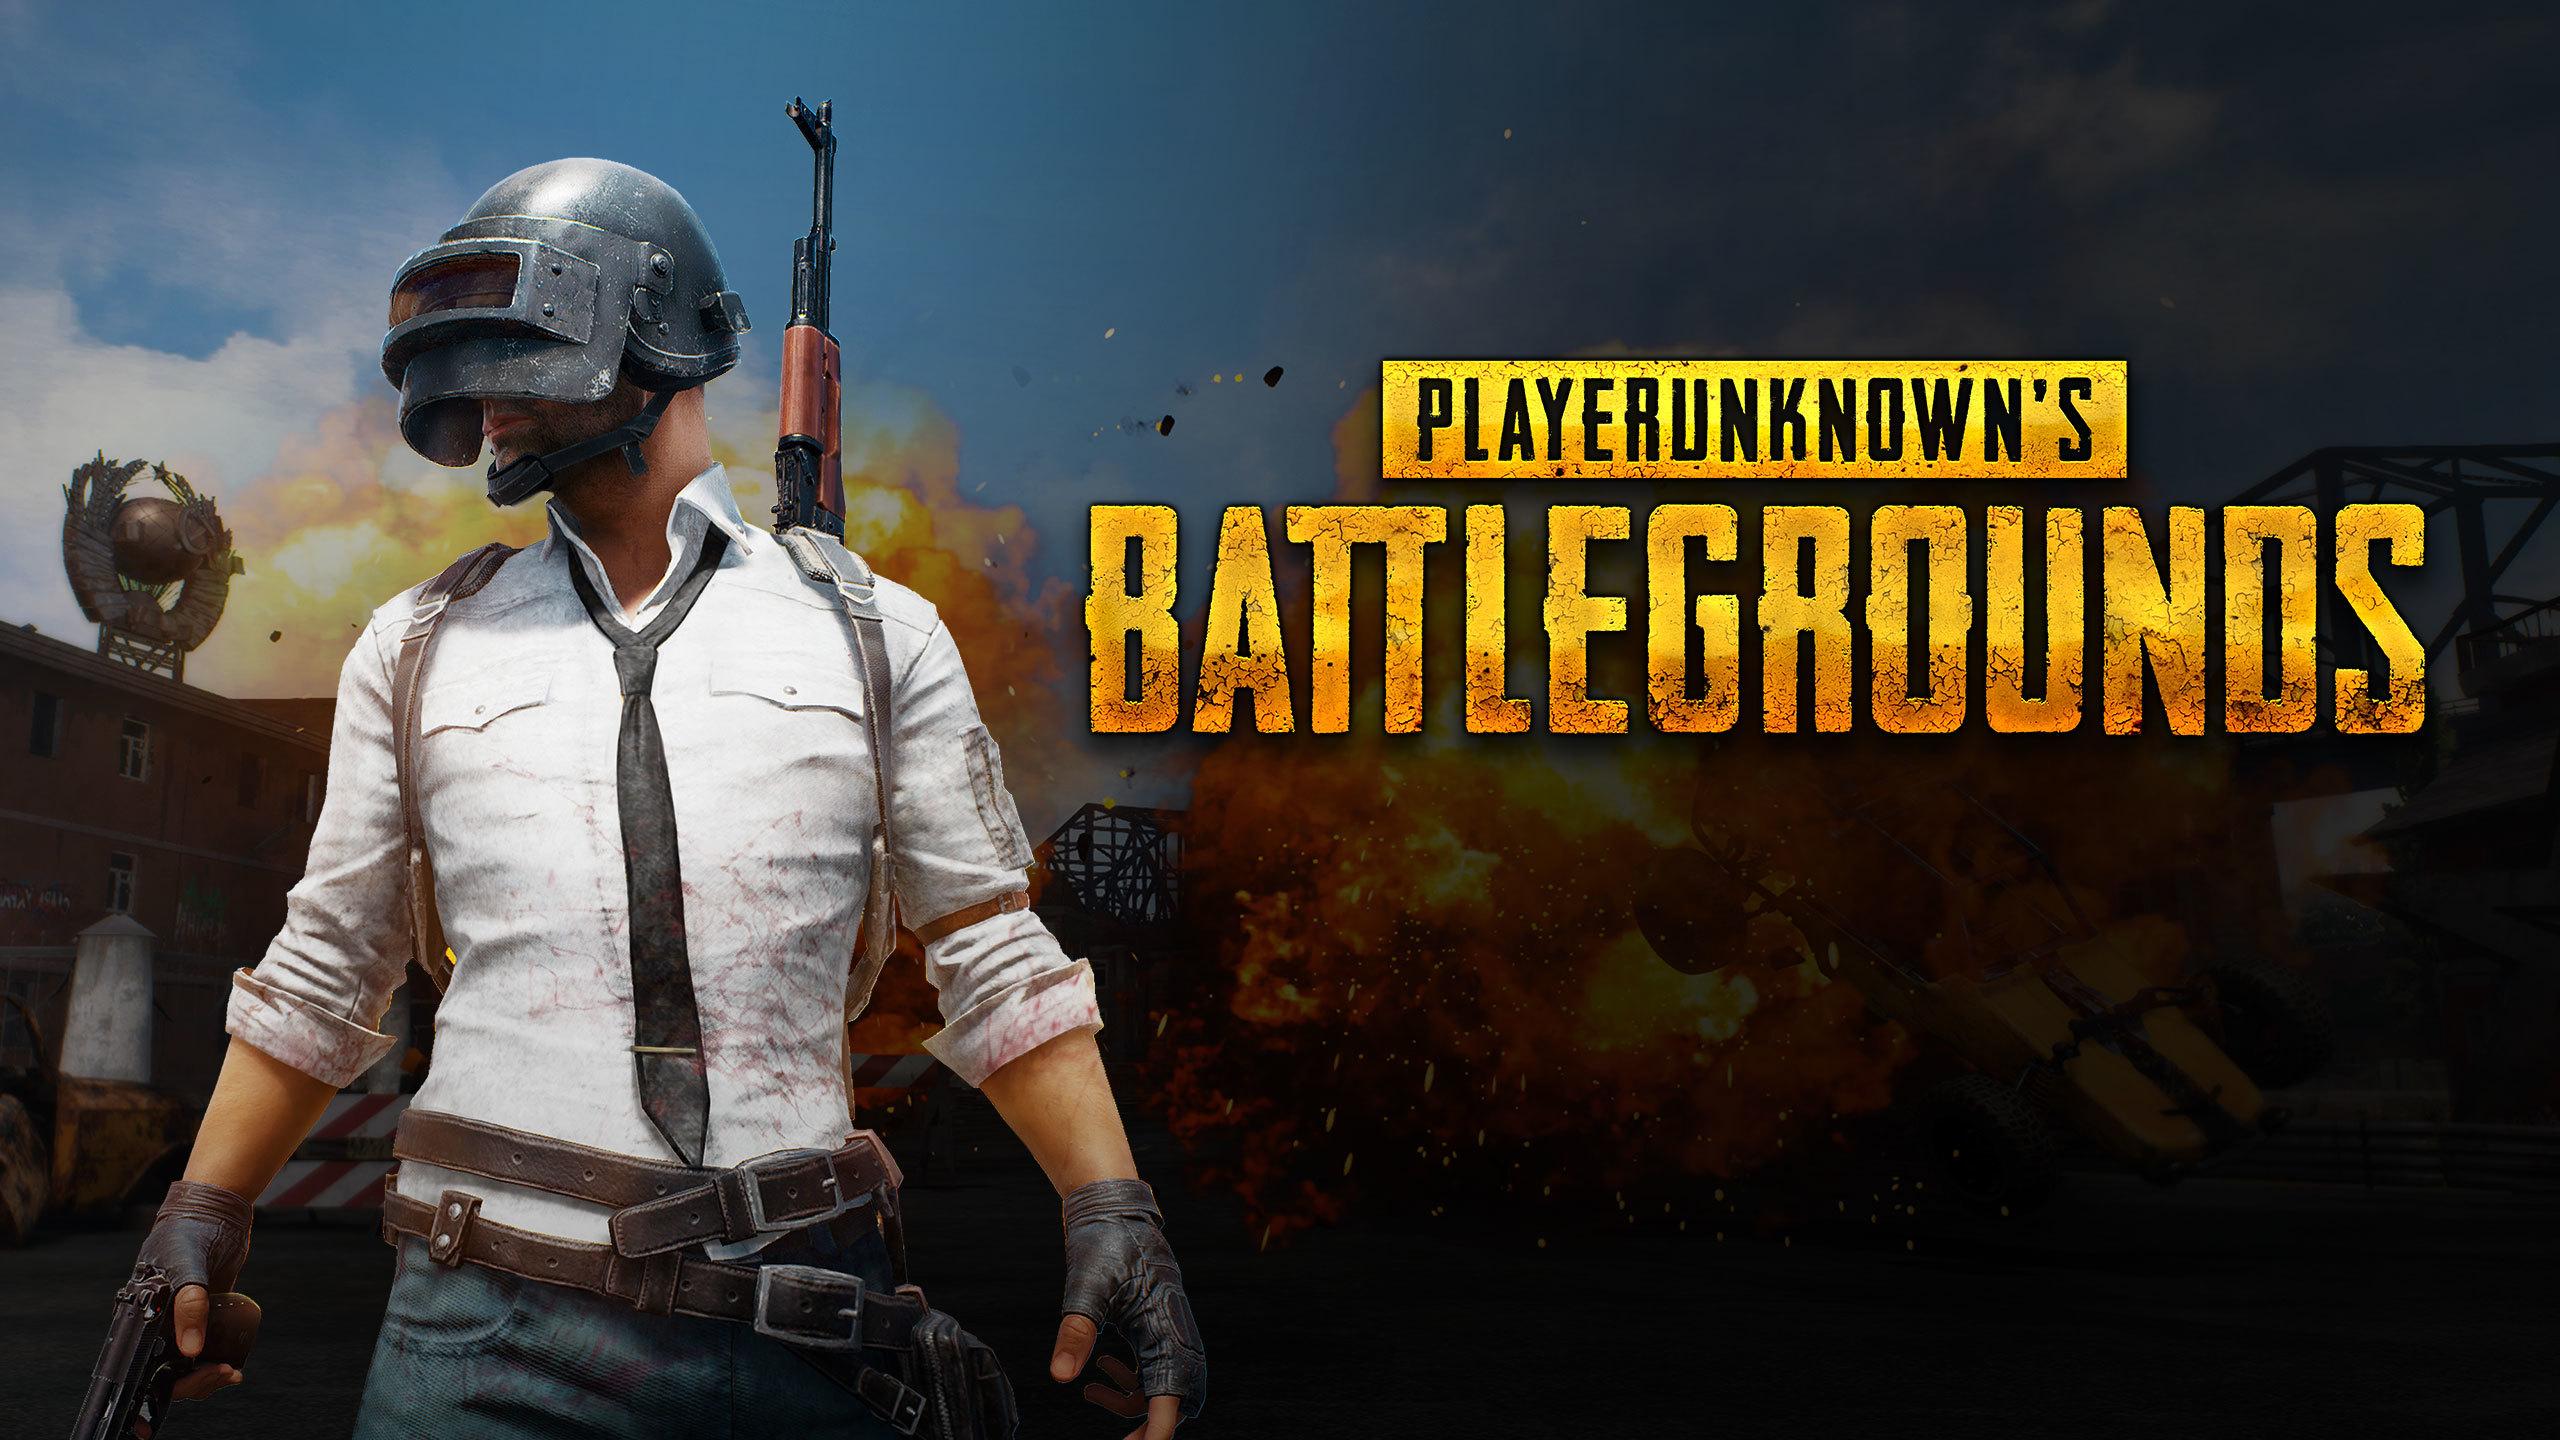 Playerunknown S Battlegrounds Game: PLAYERUNKNOWN'S BATTLEGROUNDS On Steam